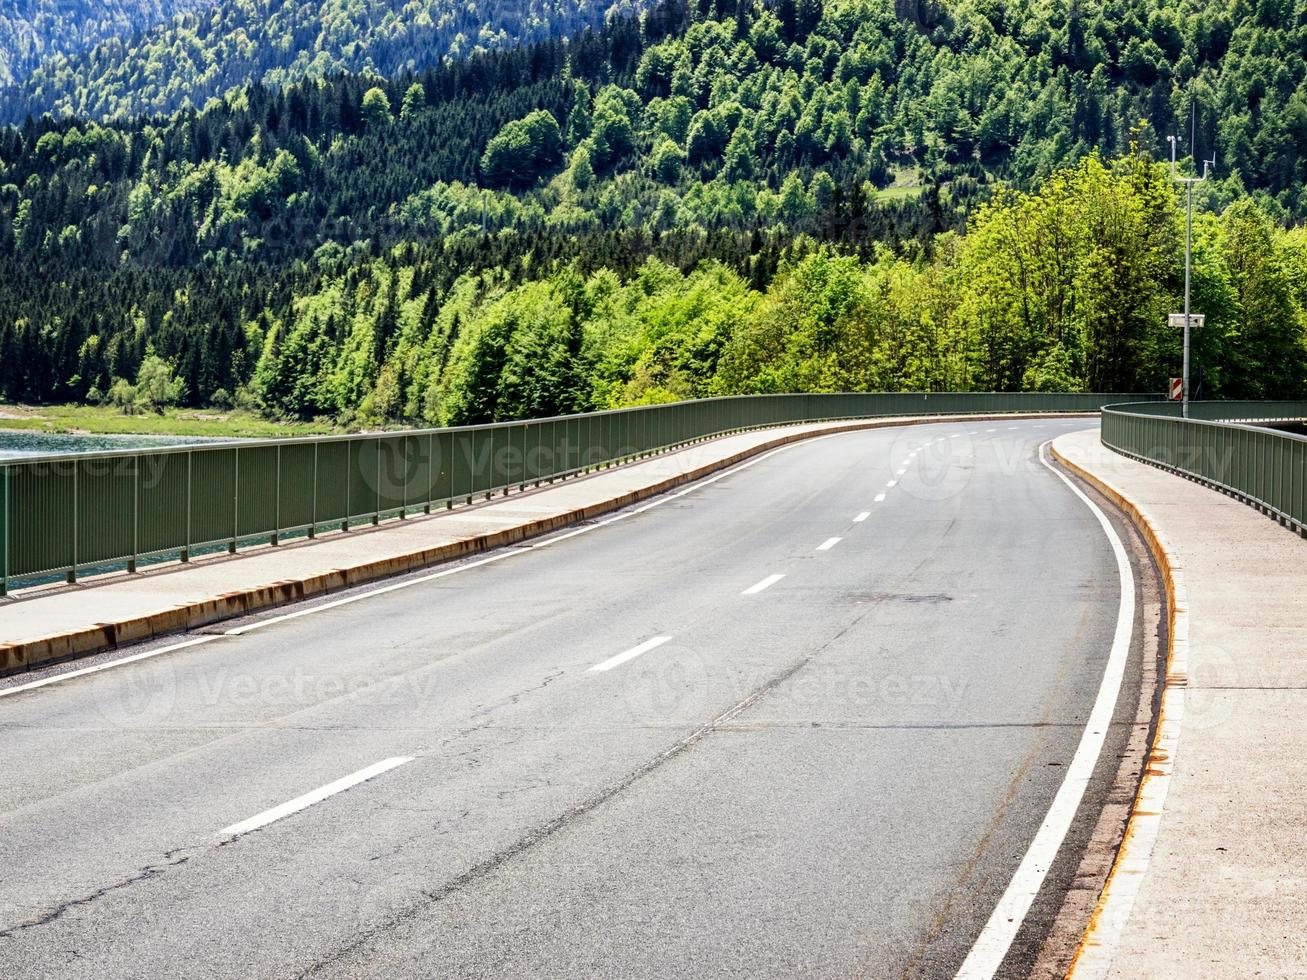 strada di campagna foto